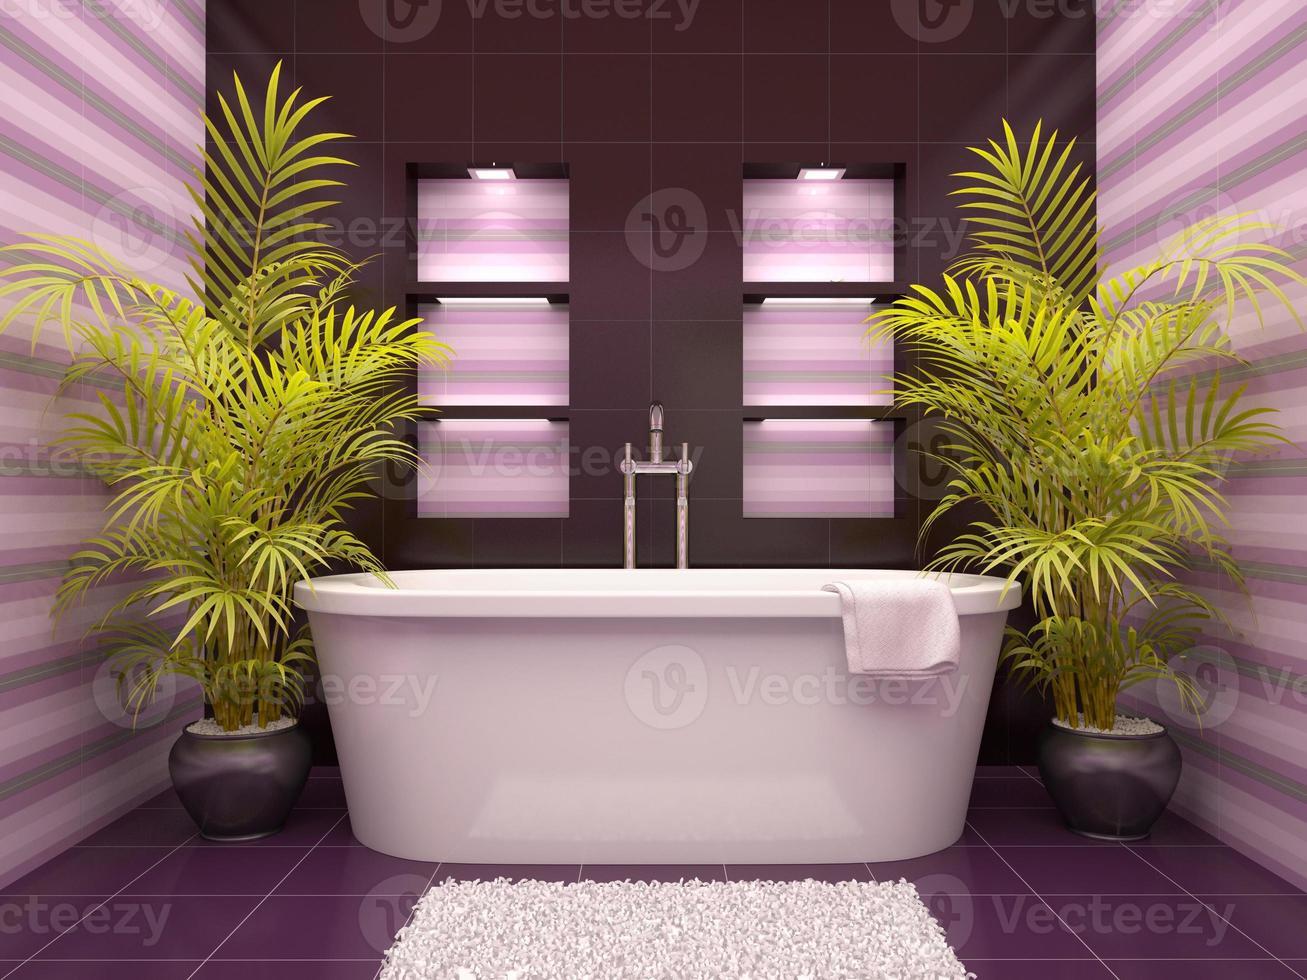 Ilustração 3D do banheiro interno com nichos na parede foto